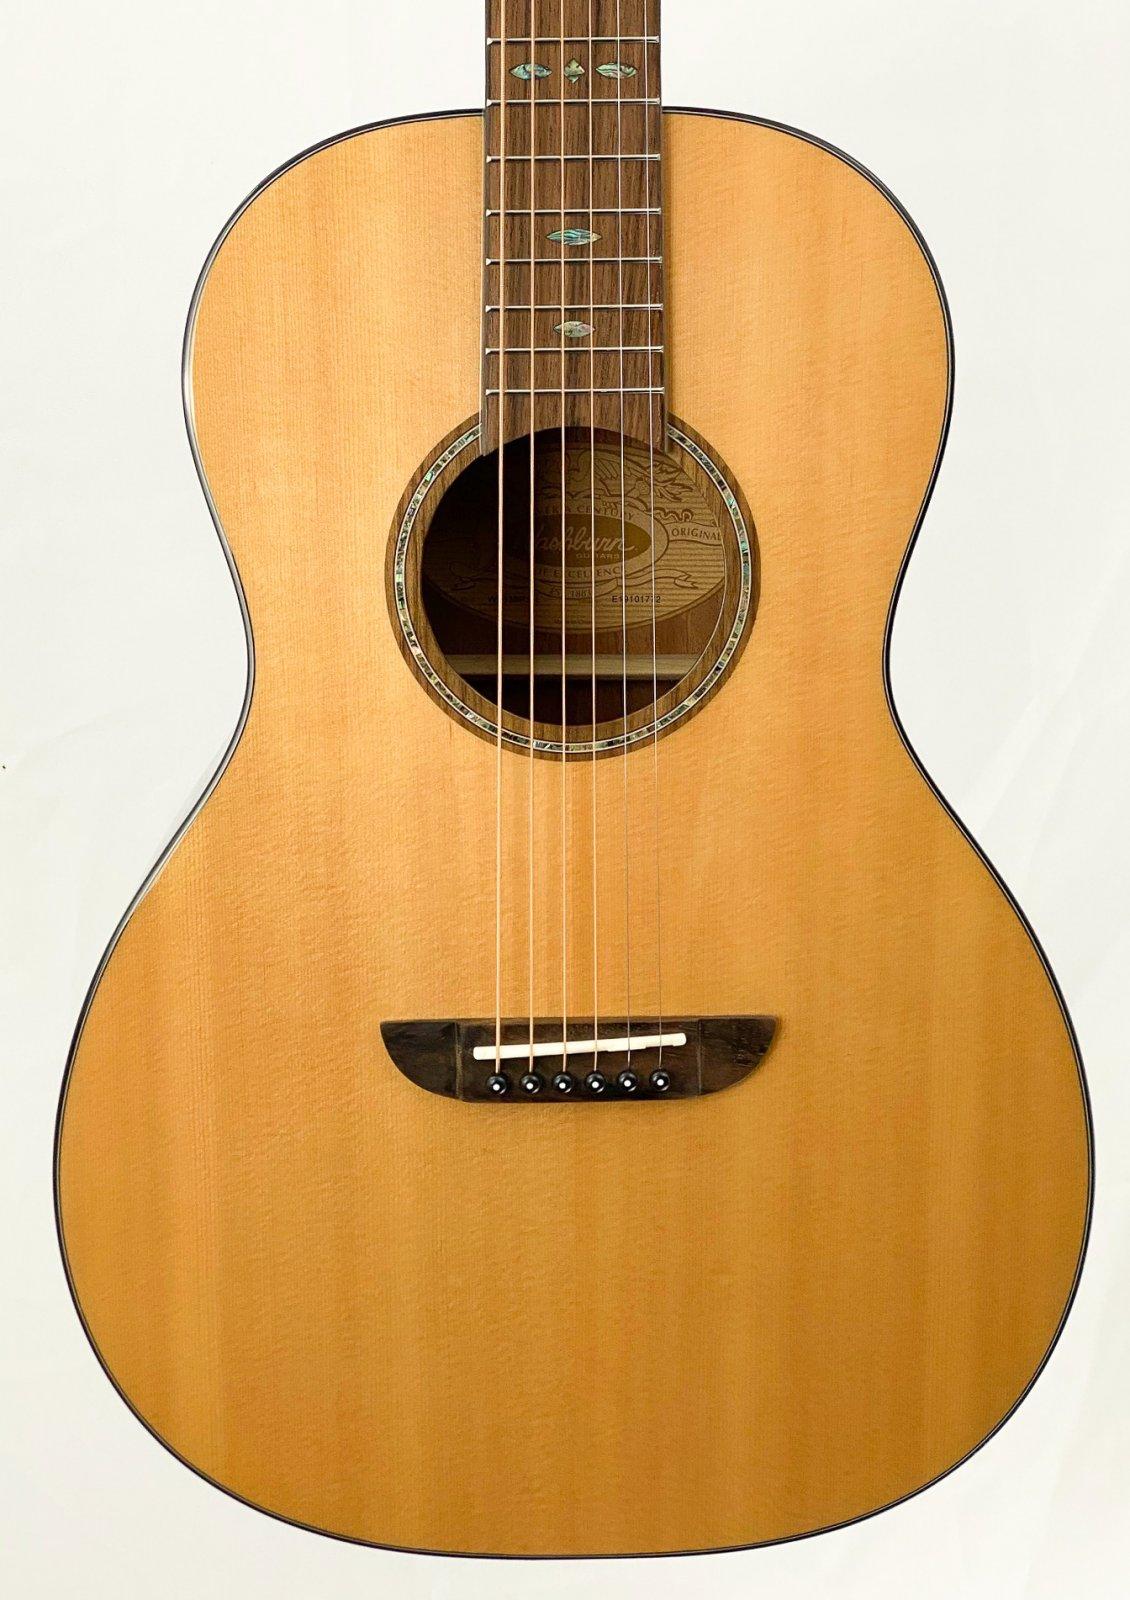 NEW Washburn Royal Saphire Parlor acoustic